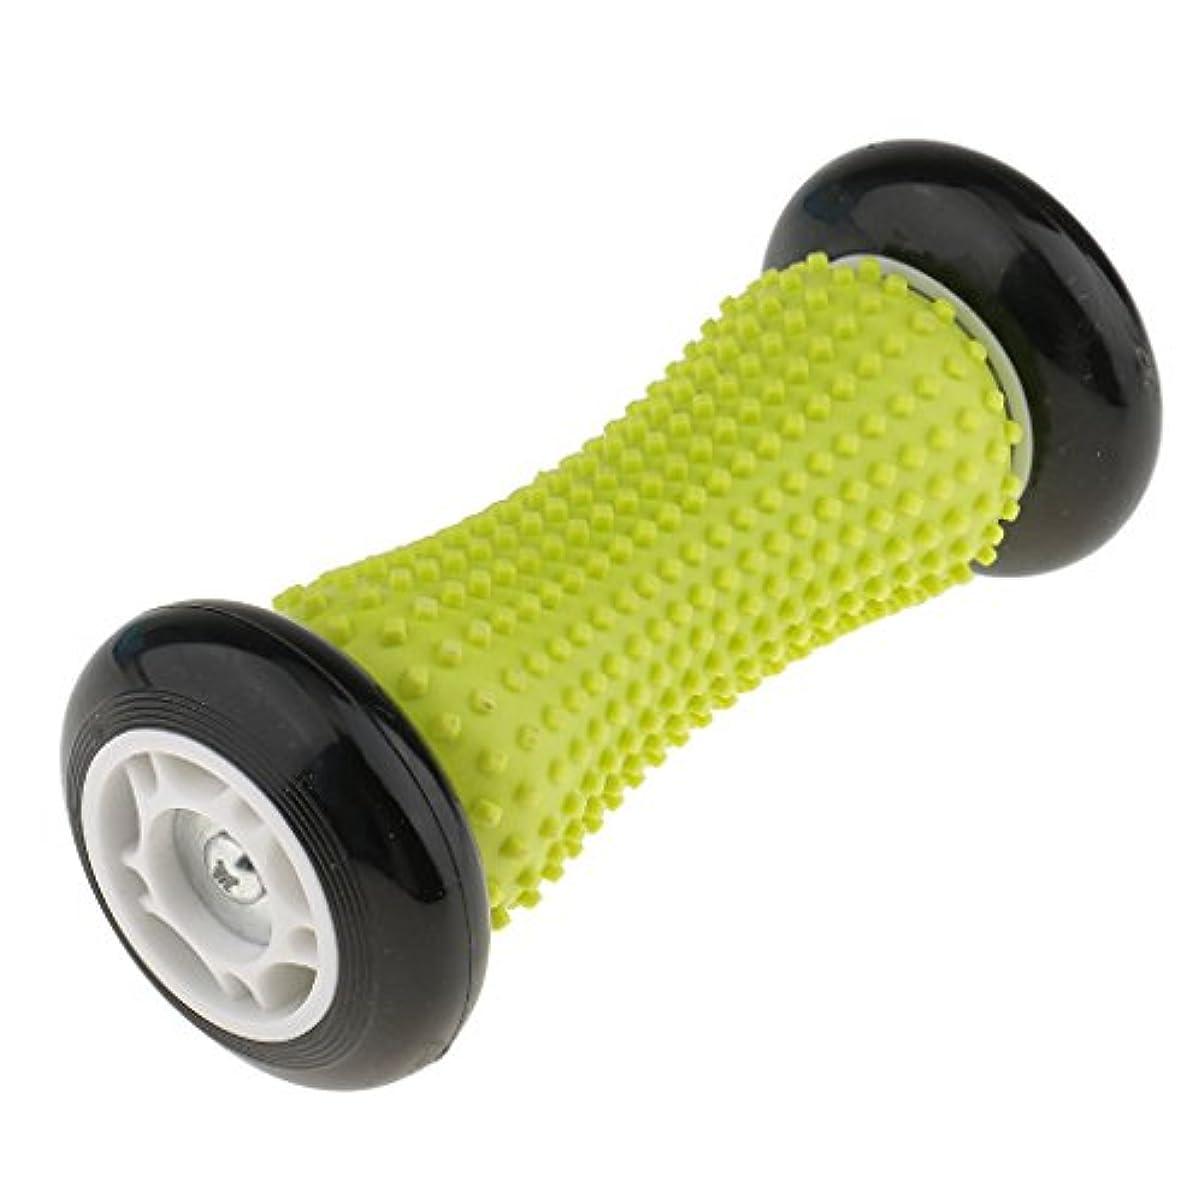 chiwanji 足底筋膜炎かかと足アーチ痛み緩和のためのフットマッサージローラー - イエロー&ブラック